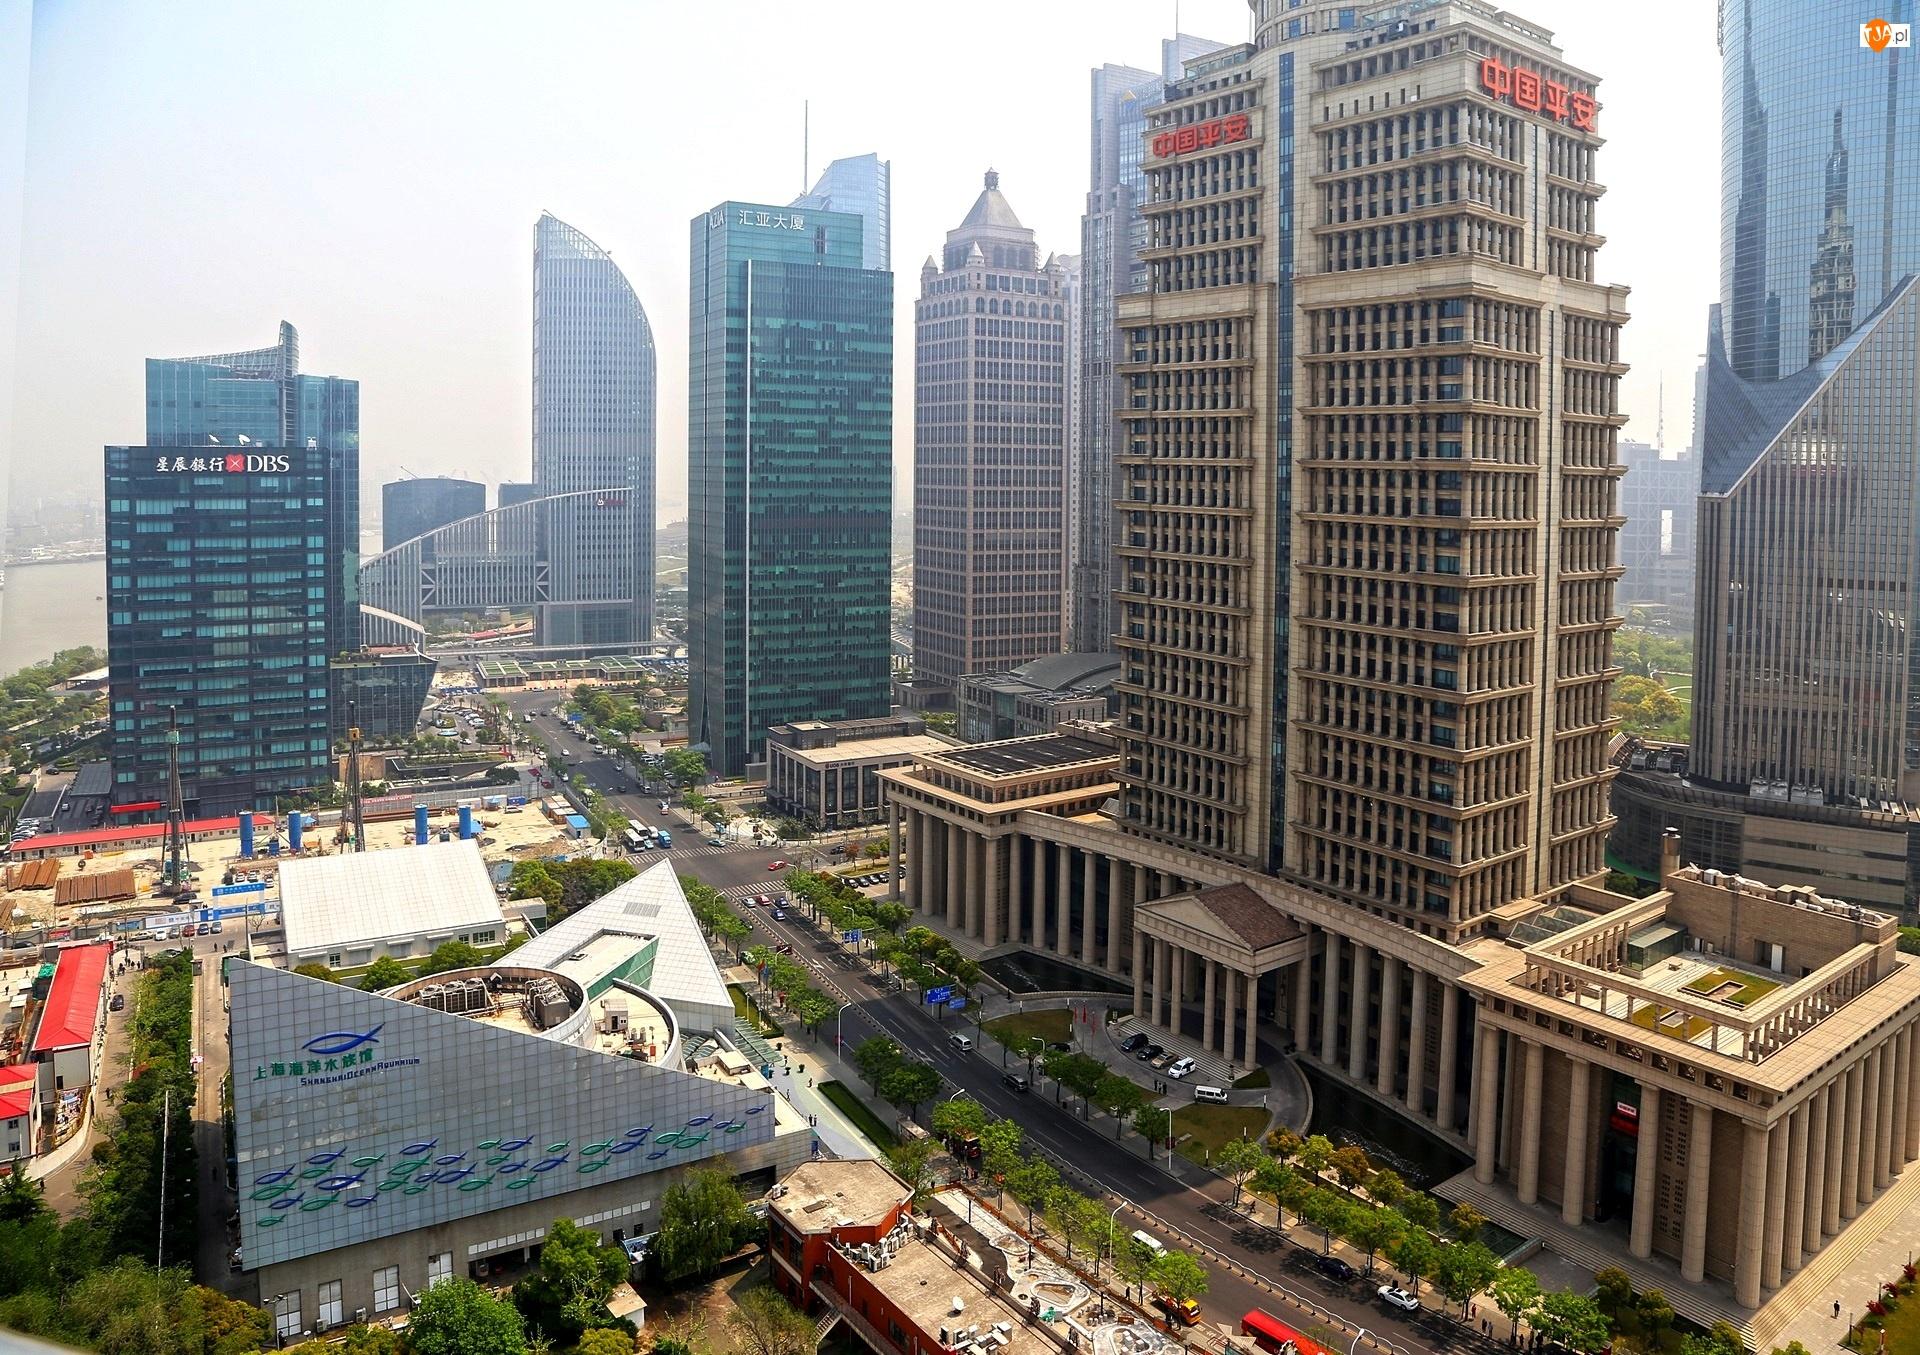 Wieżowce, Chiny, Ulica, Szanghaj